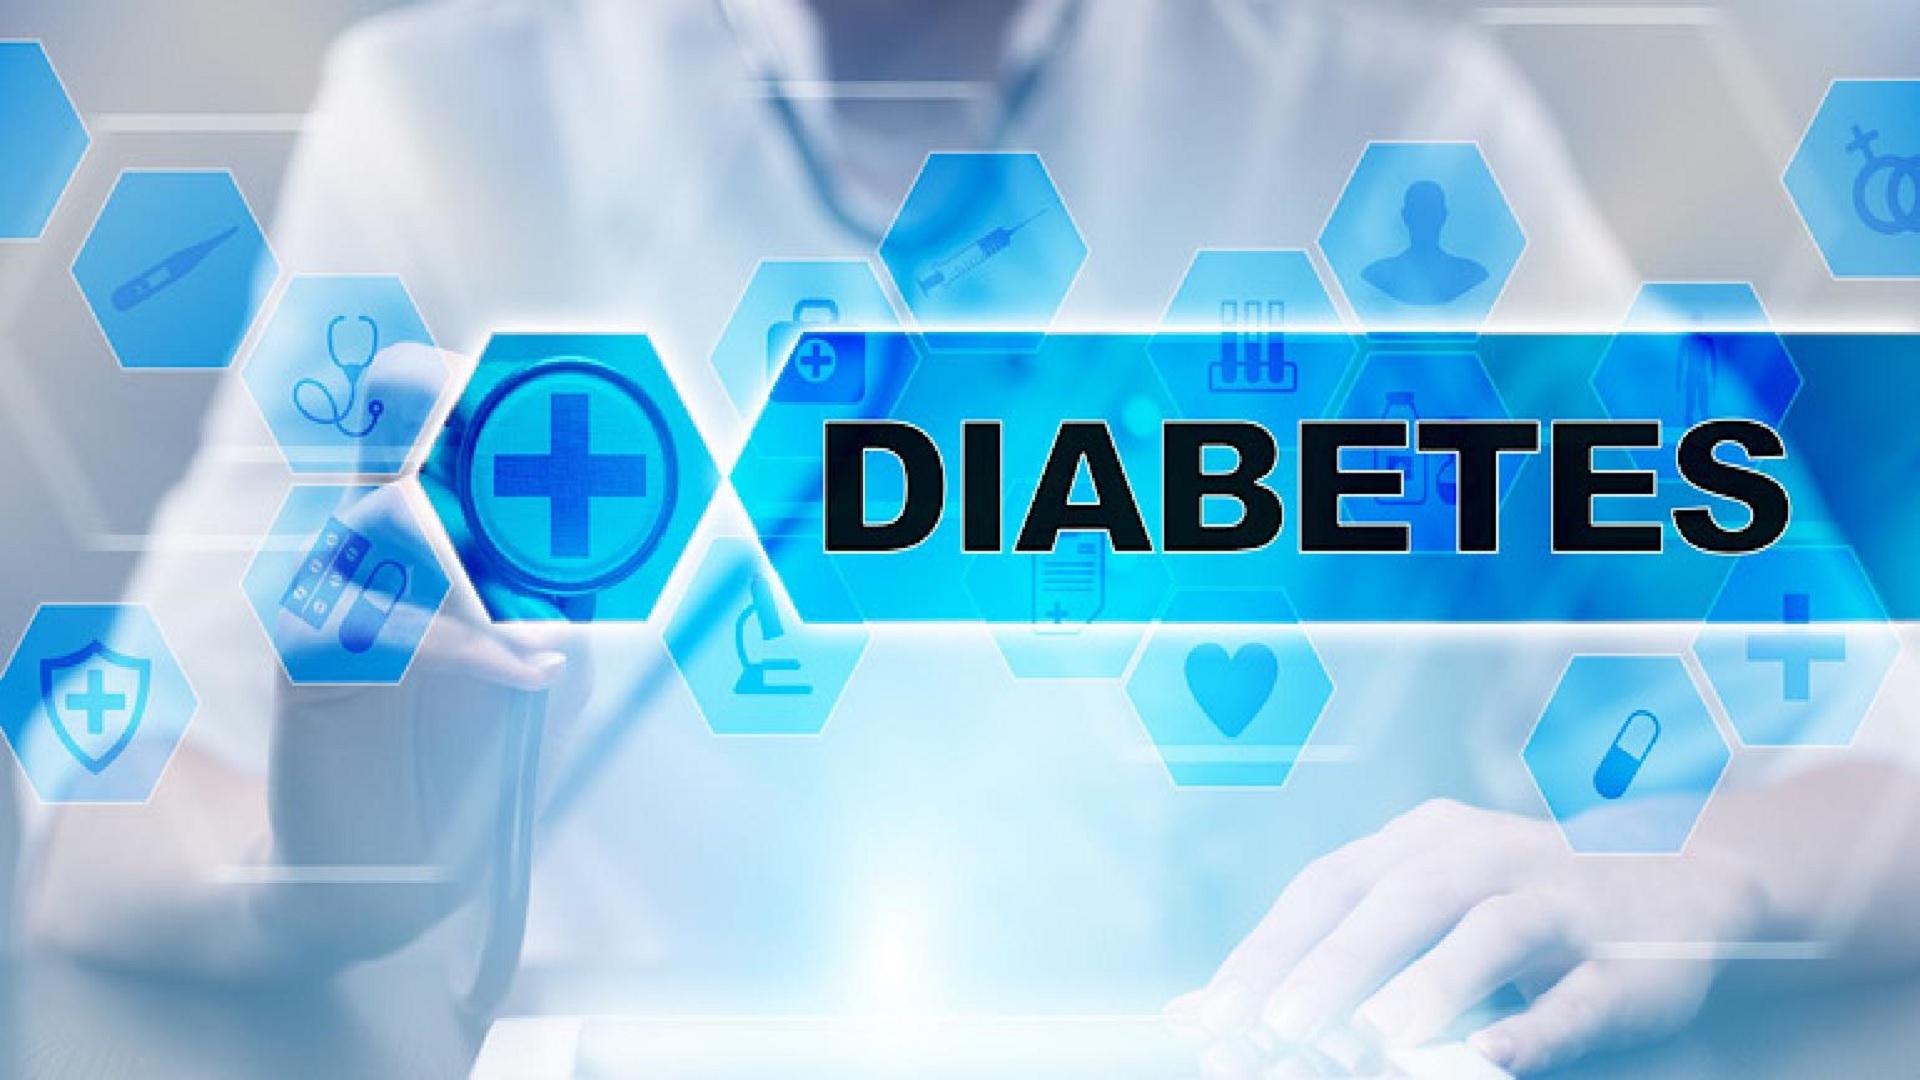 Κορωνοϊός διαβήτης: Γιατί αυξάνεται ο κίνδυνος νοσηρότητας